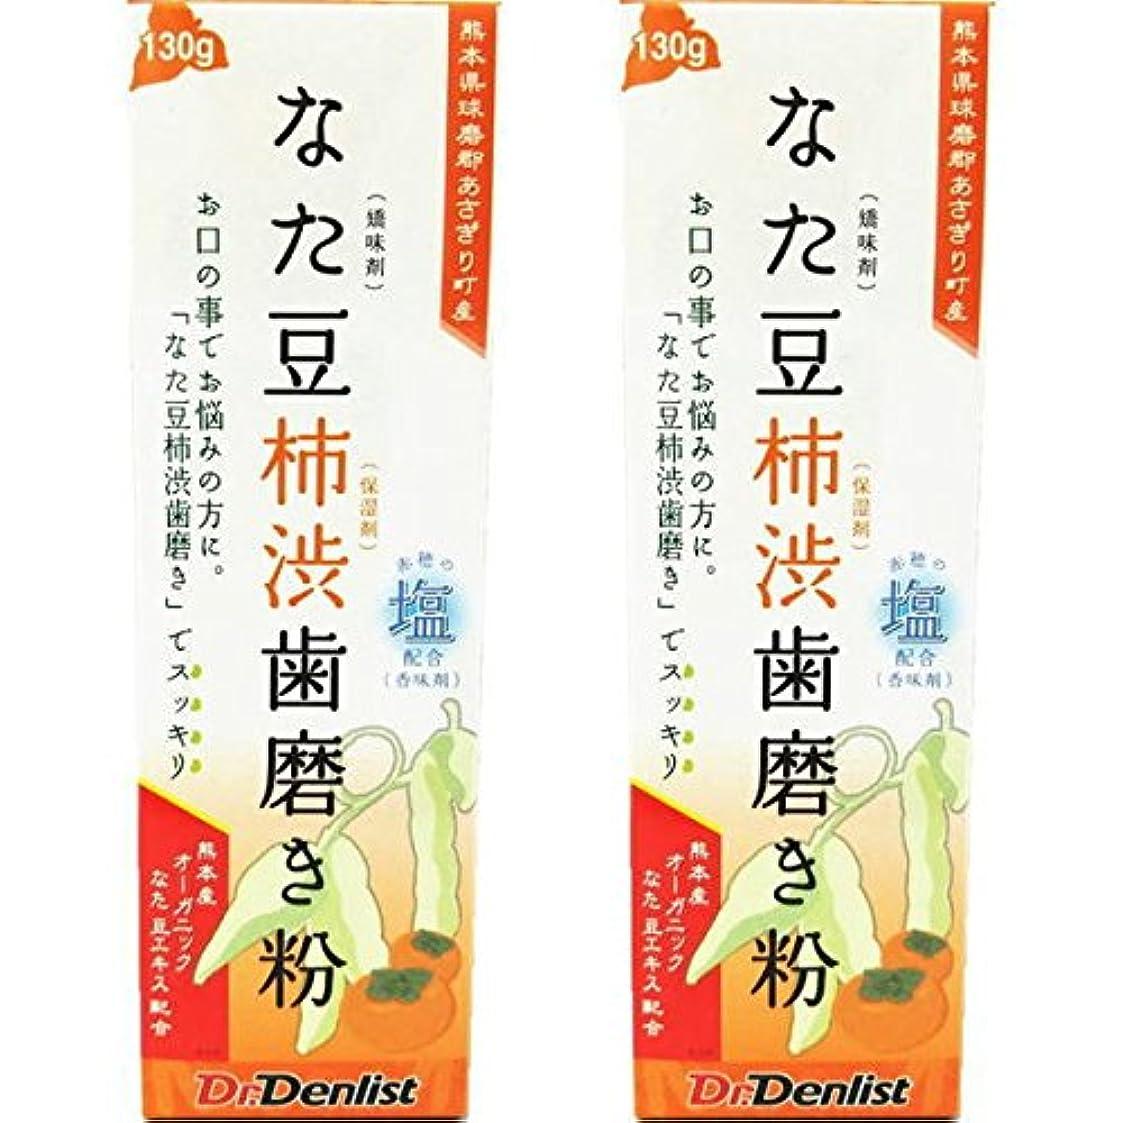 忠誠承知しました不振なた豆柿渋歯磨き 130g 2個セット 国産 有機なた豆使用 赤穂の塩配合(香味剤)